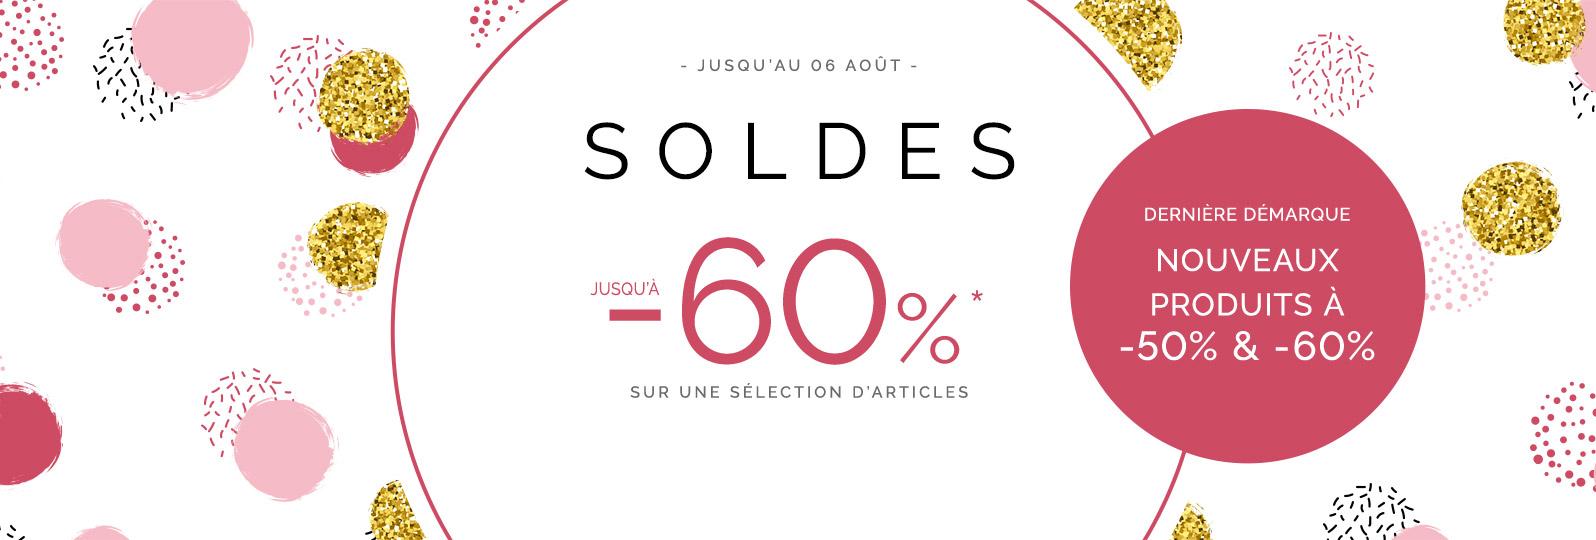 Soldes - jusqu'à -60%* sur une sélection d'articles